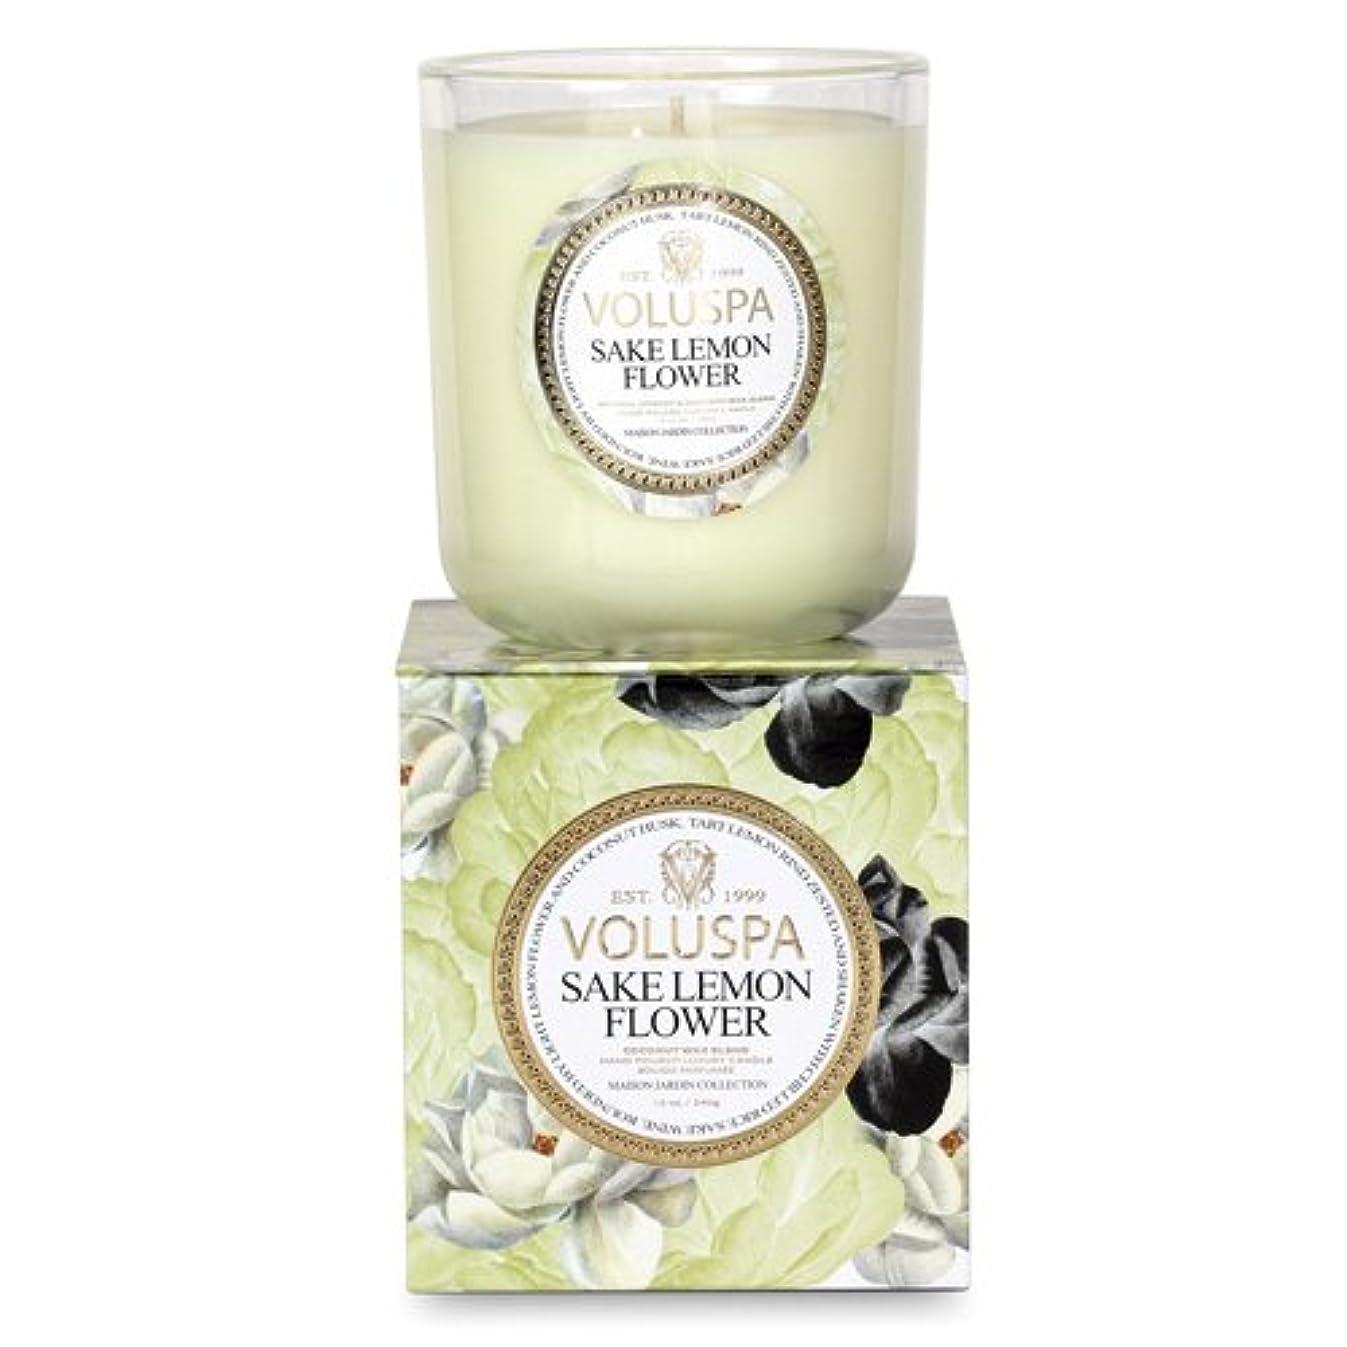 実行する定規飲料Voluspa ボルスパ メゾンジャルダン ボックス入りグラスキャンドル サケレモンフラワー MAISON JARDIN Box Glass Candle SAKE LEMON FLOWER